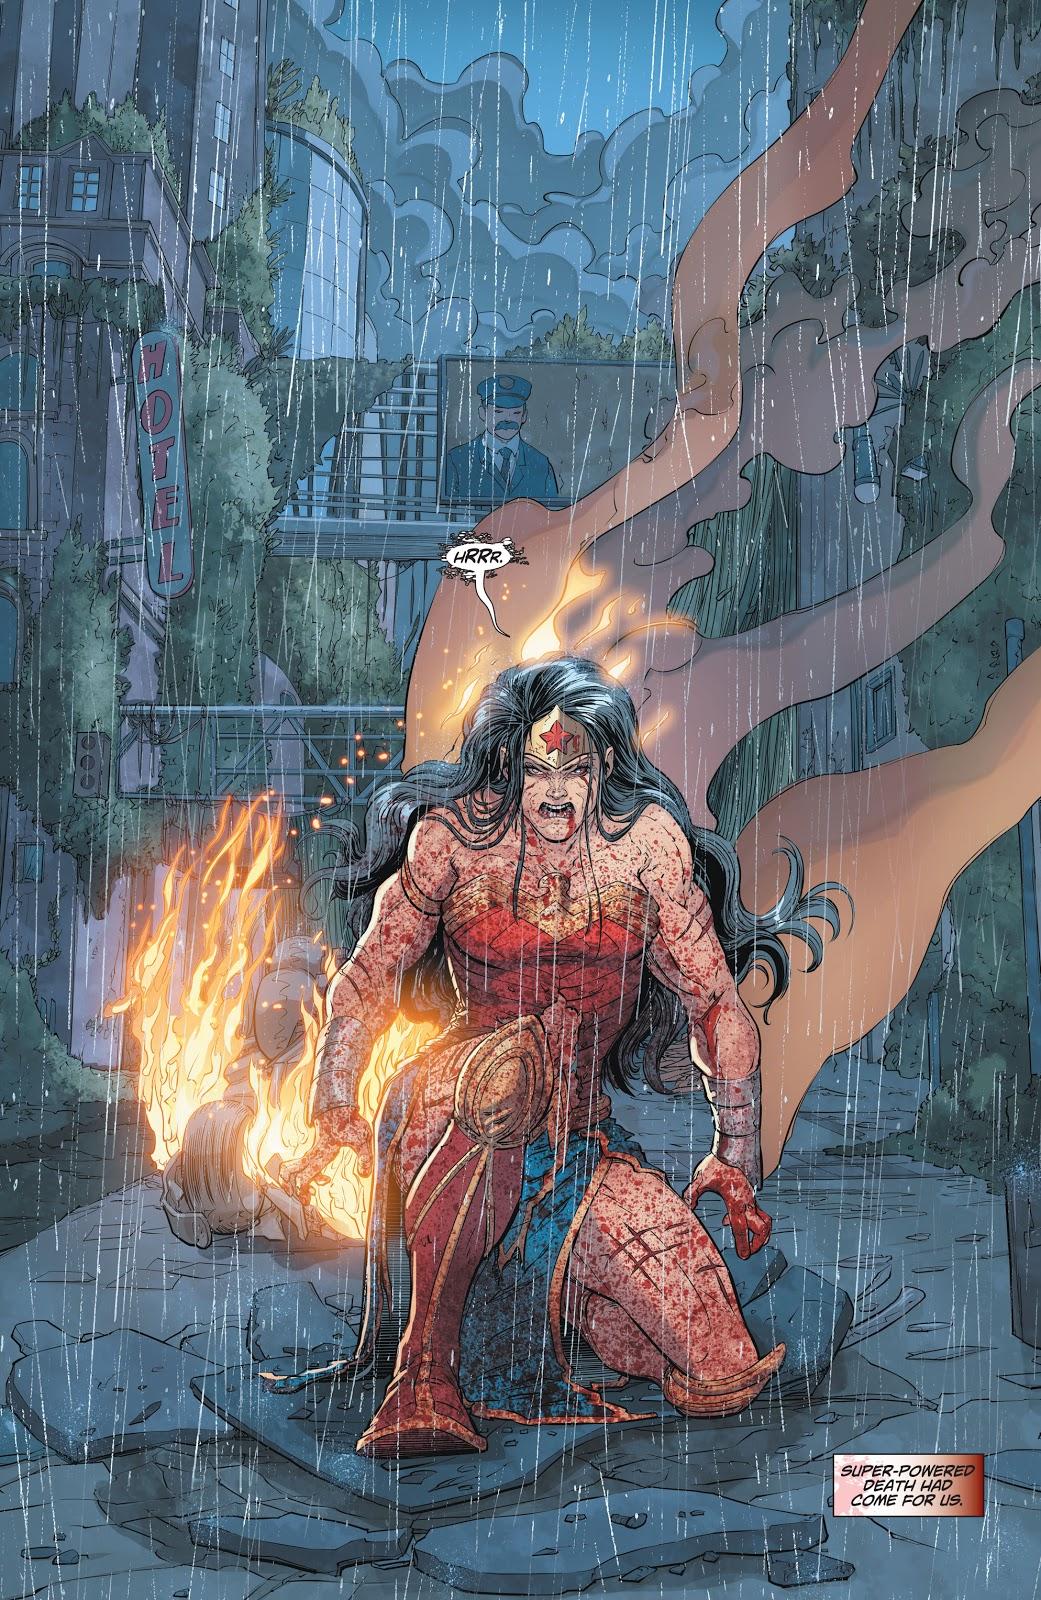 Zombie Wonder Woman (Dceased)